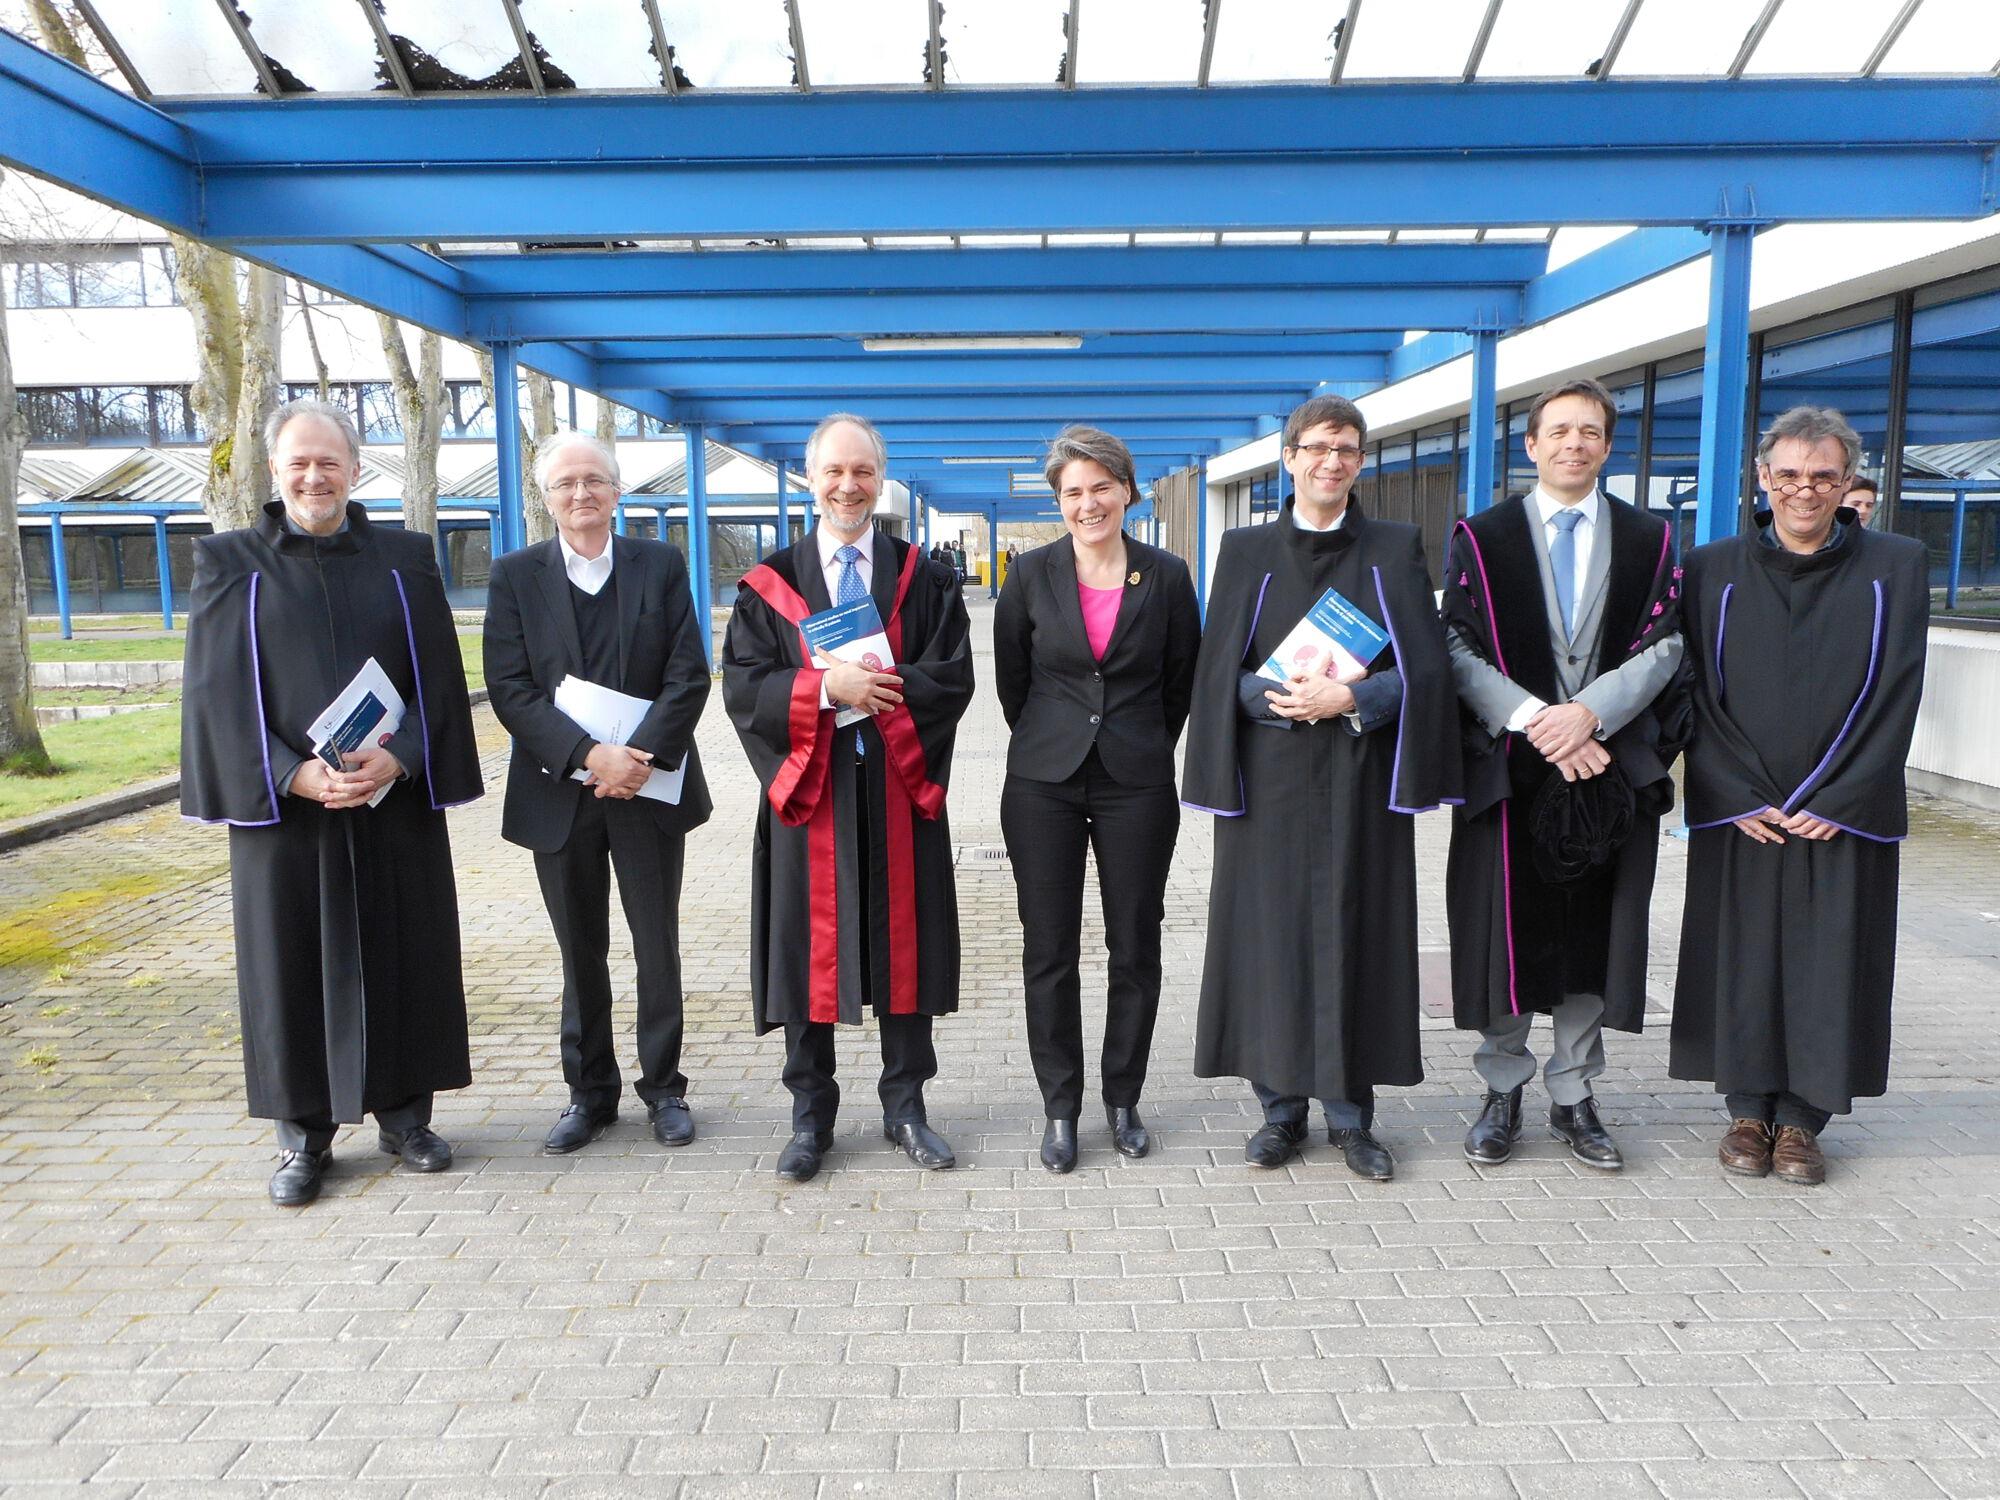 Doctoraatsverdediging K. Janssen van Doorn - 25 maart 2016